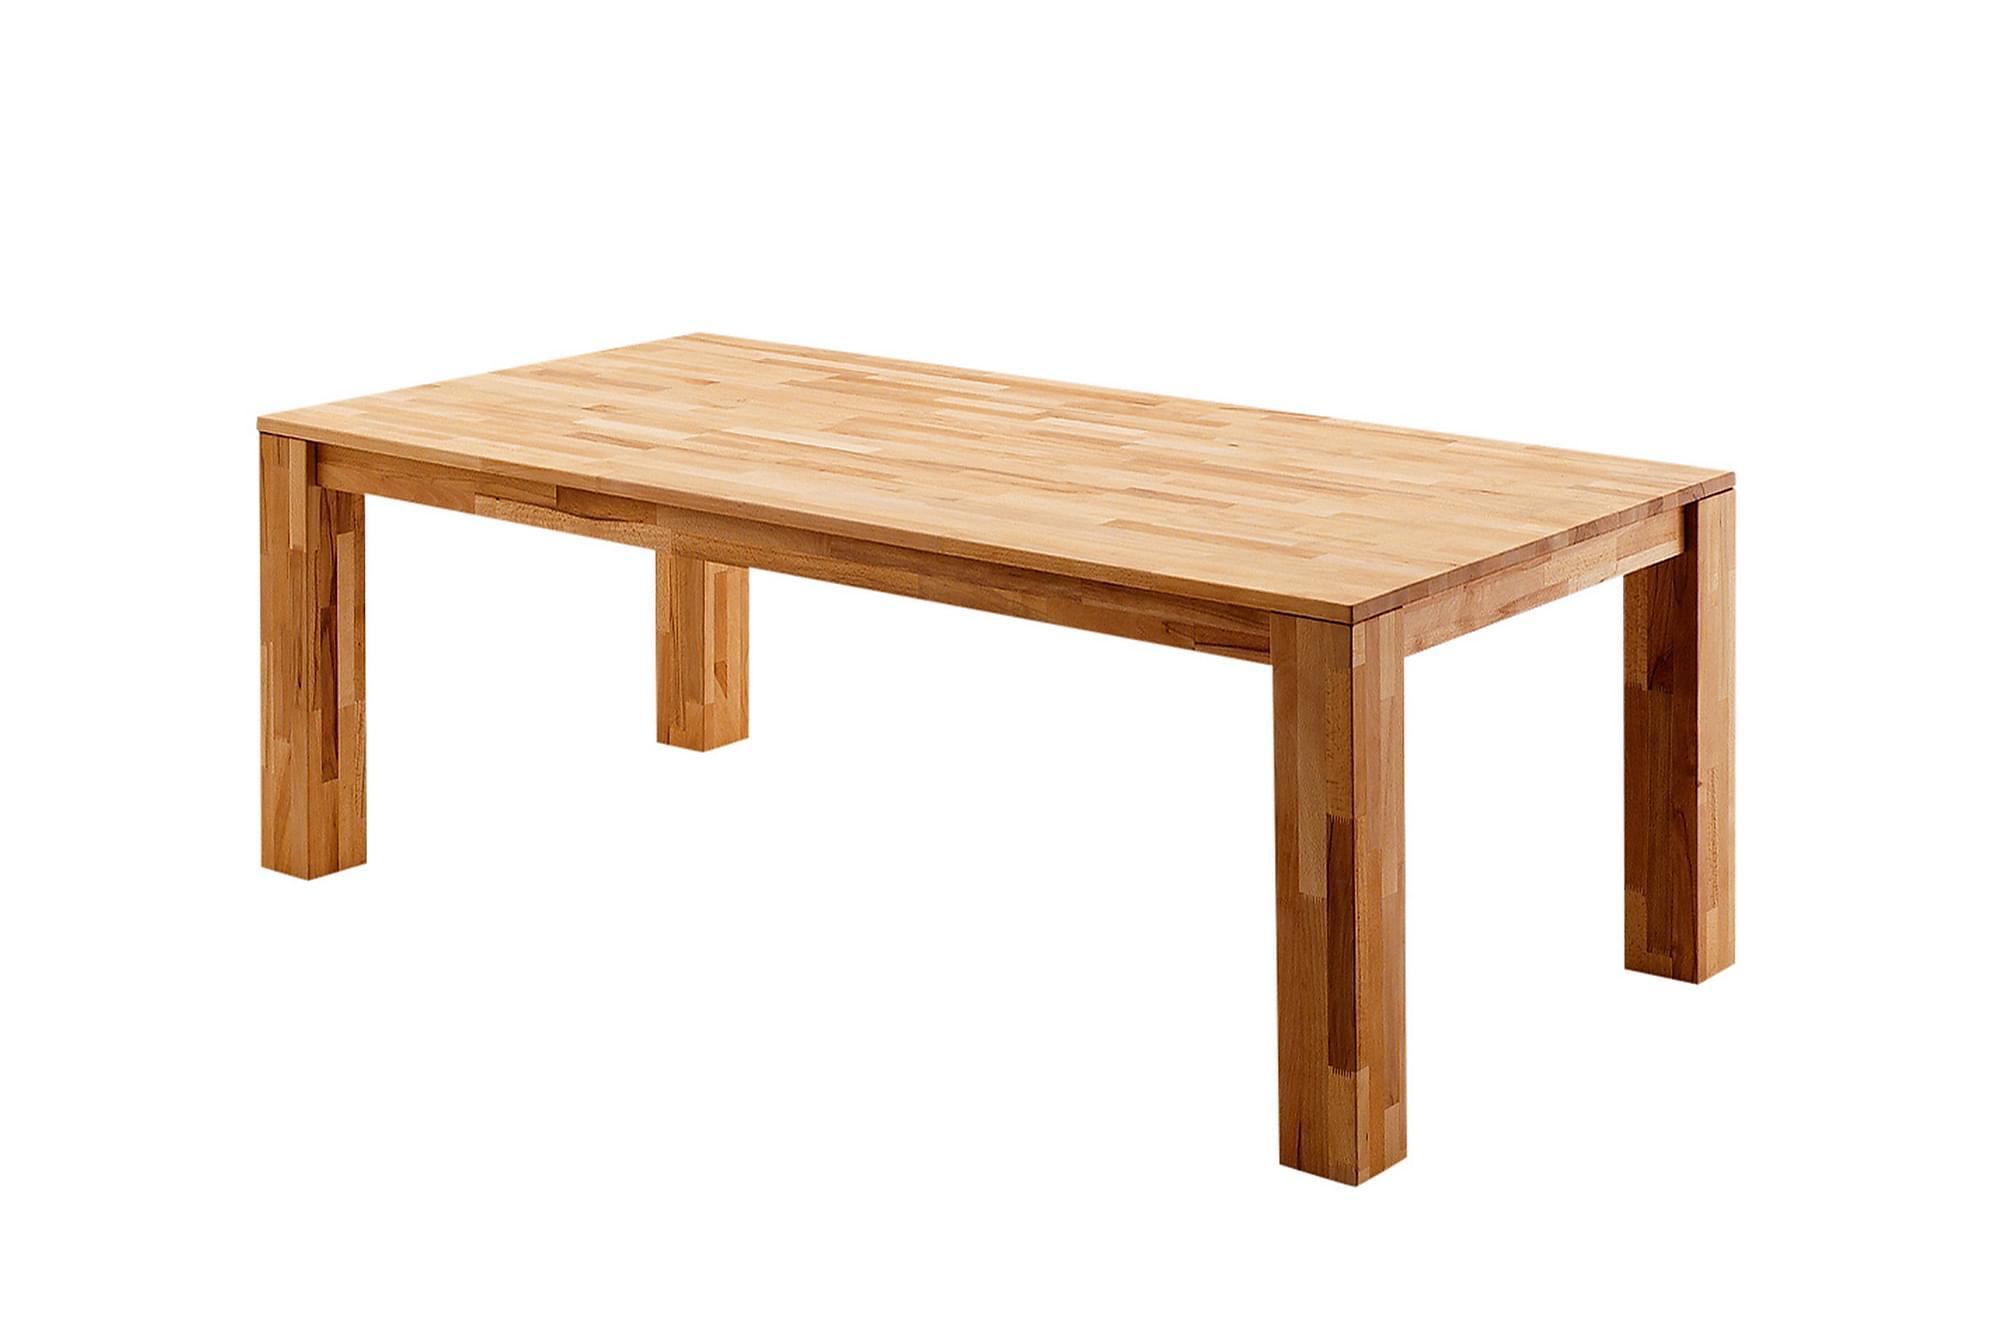 PAUL Förlängningsbart Matbord 200 Ek